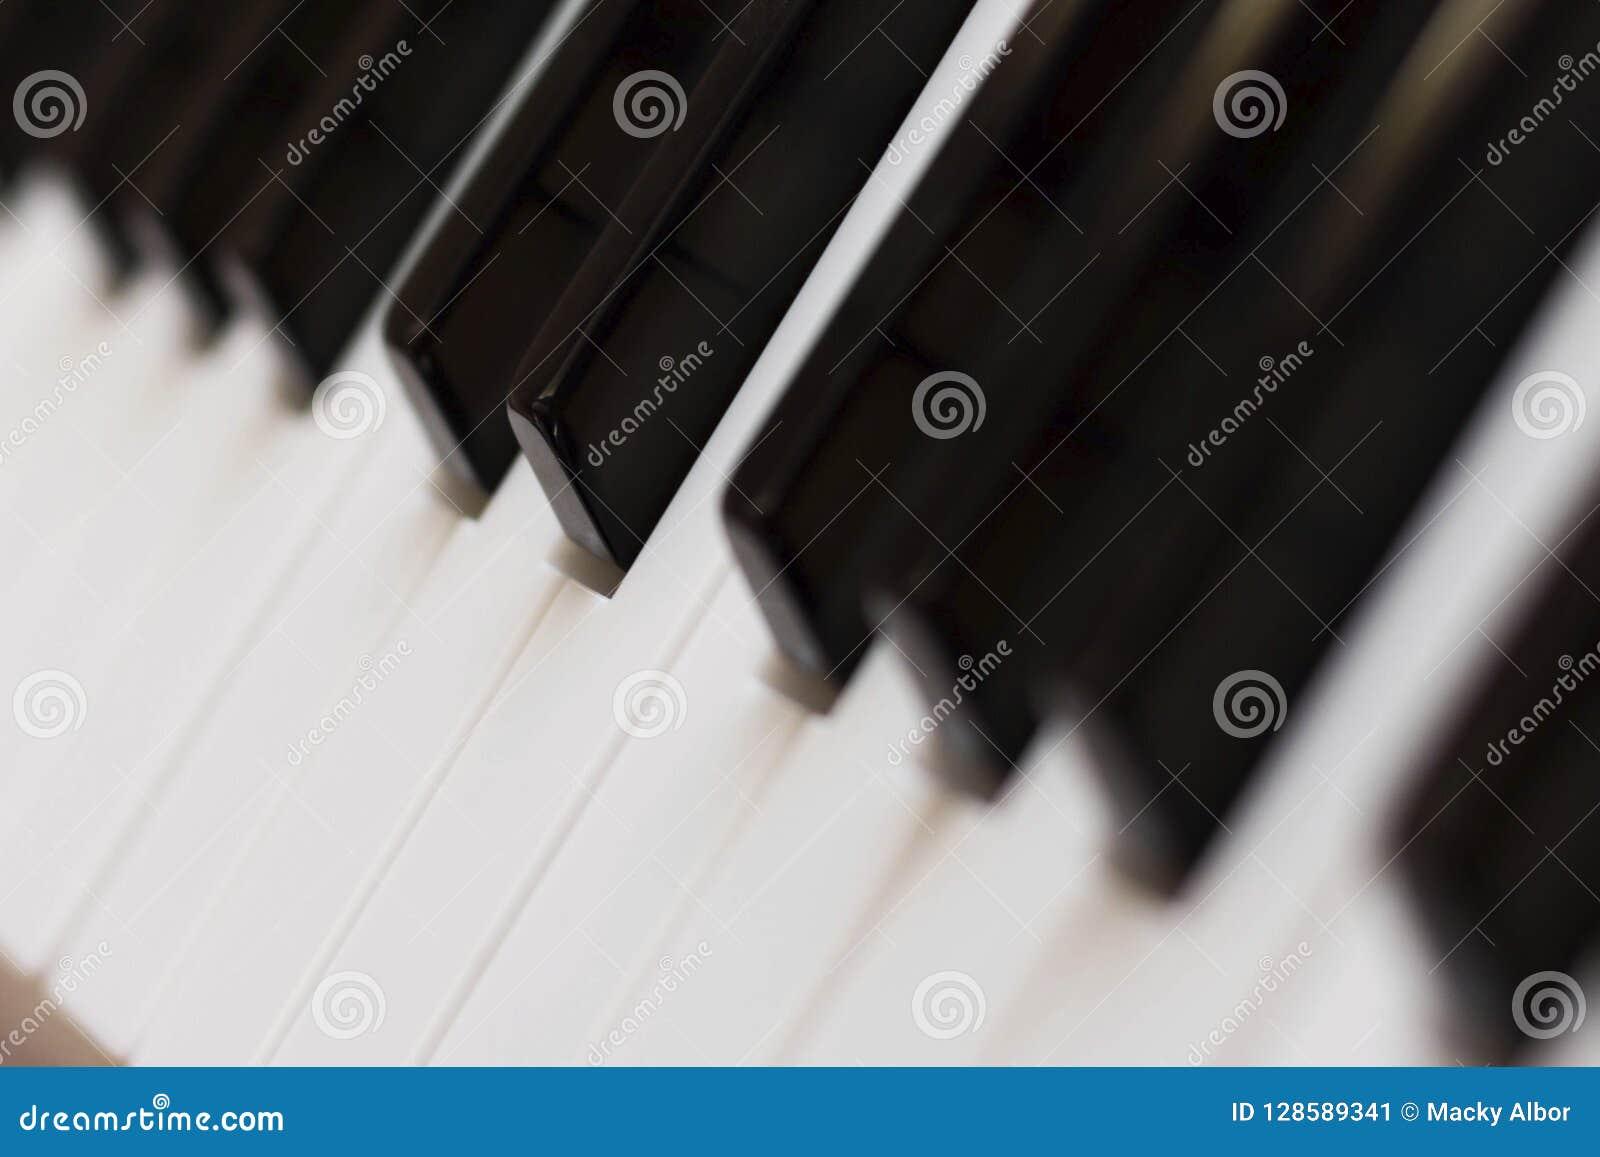 Het pianotoetsenbord sluit schuine standpositie